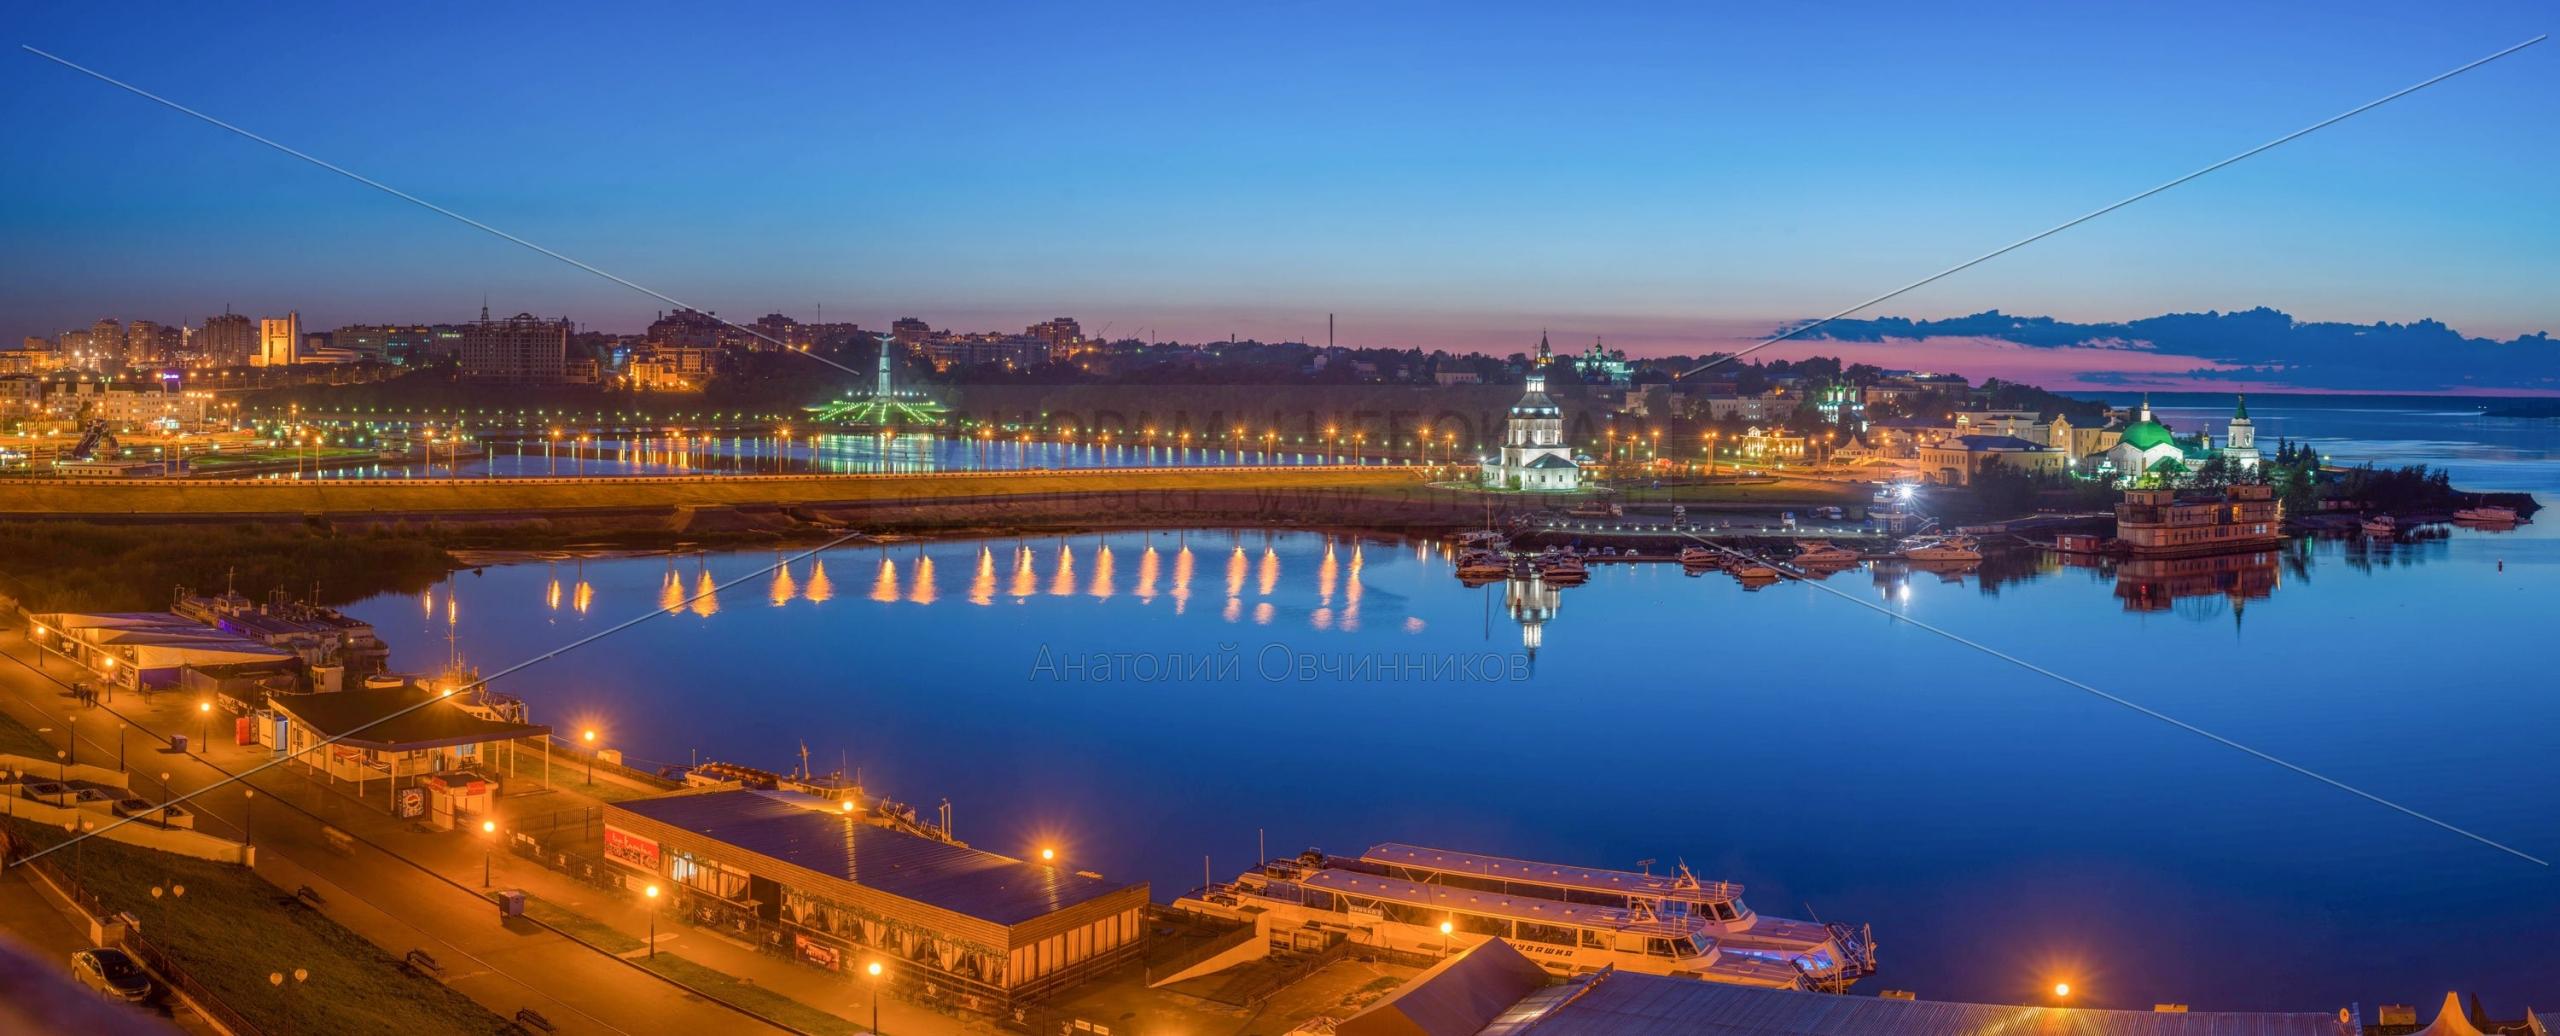 Вечерняя Чебоксарская бухта летом 2014